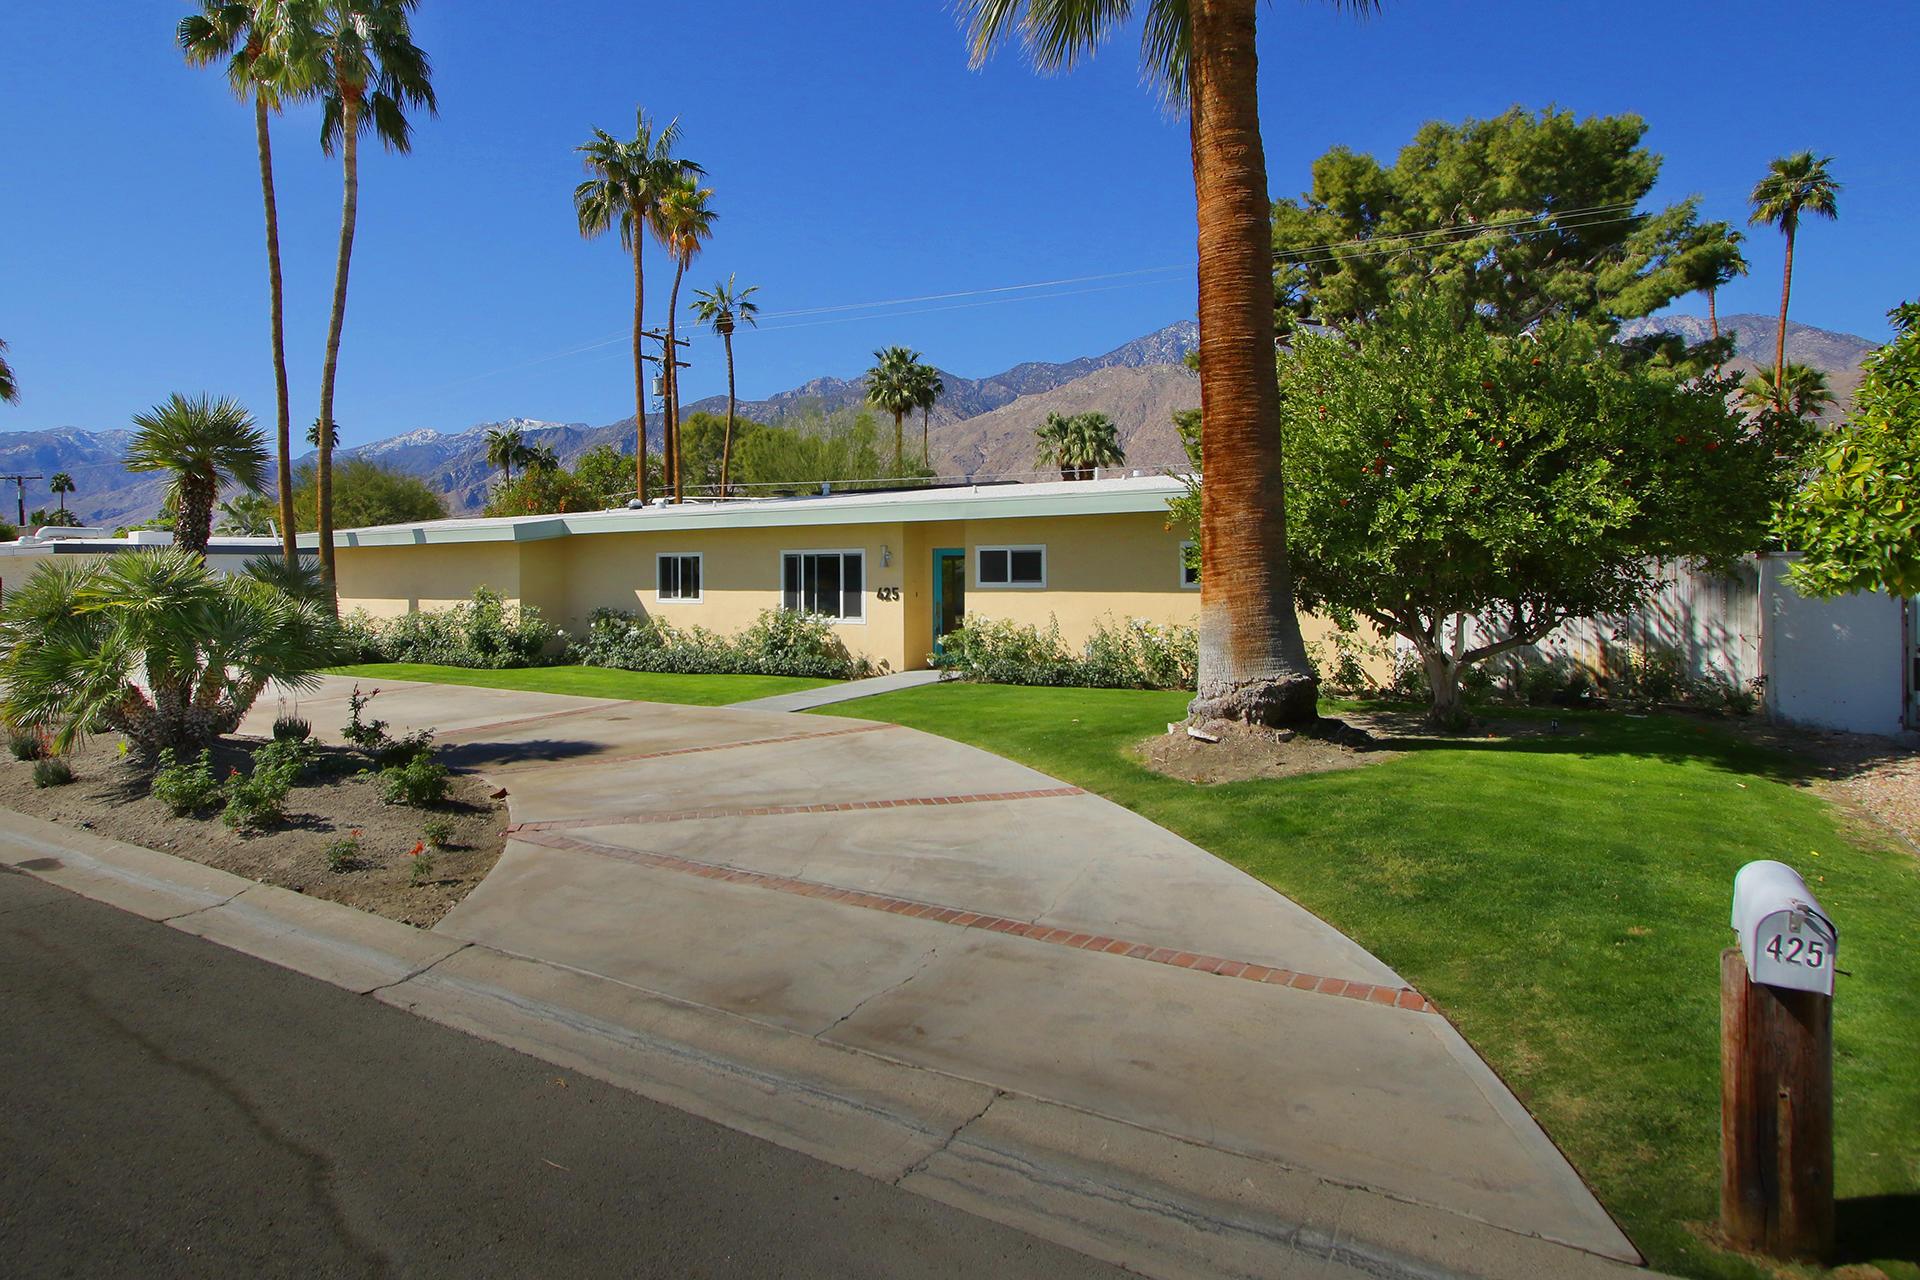 Photo of 425 N Monterey Road, Palm Springs, CA 92262